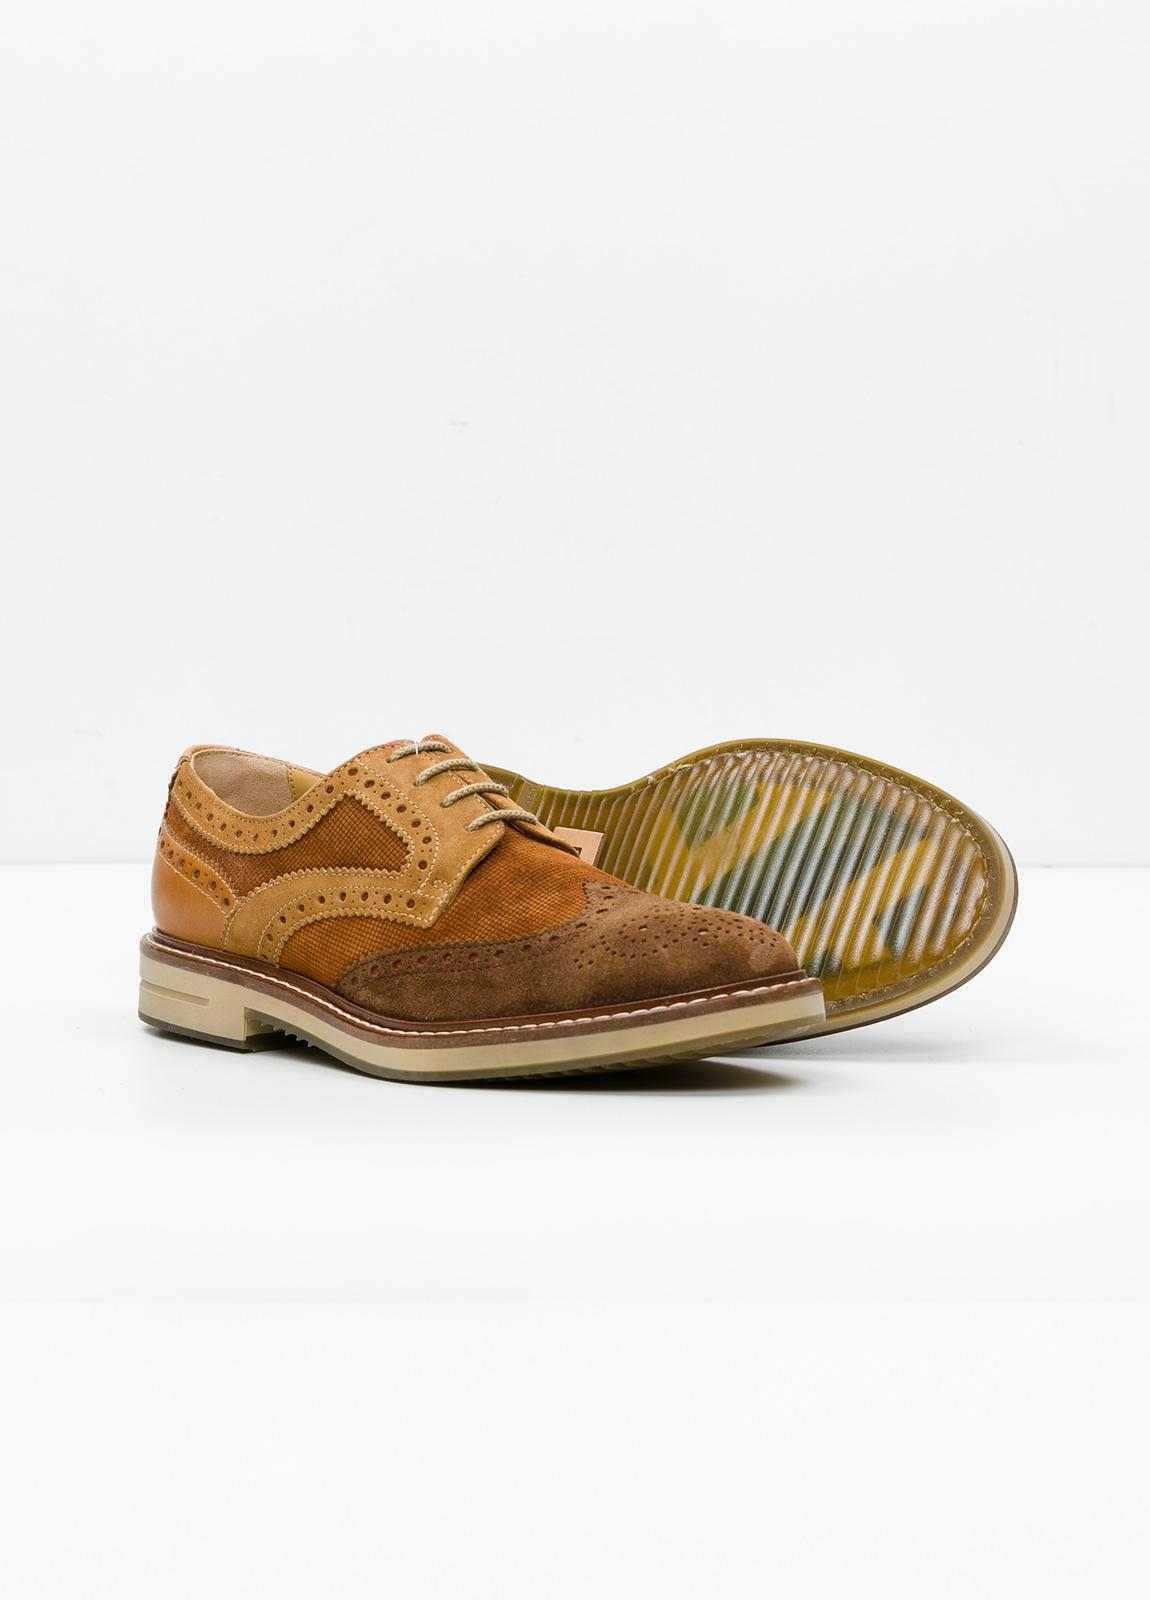 Zapato Sport Wear color marrón. Combinación de serraje y piel con troquelado. - Ítem2